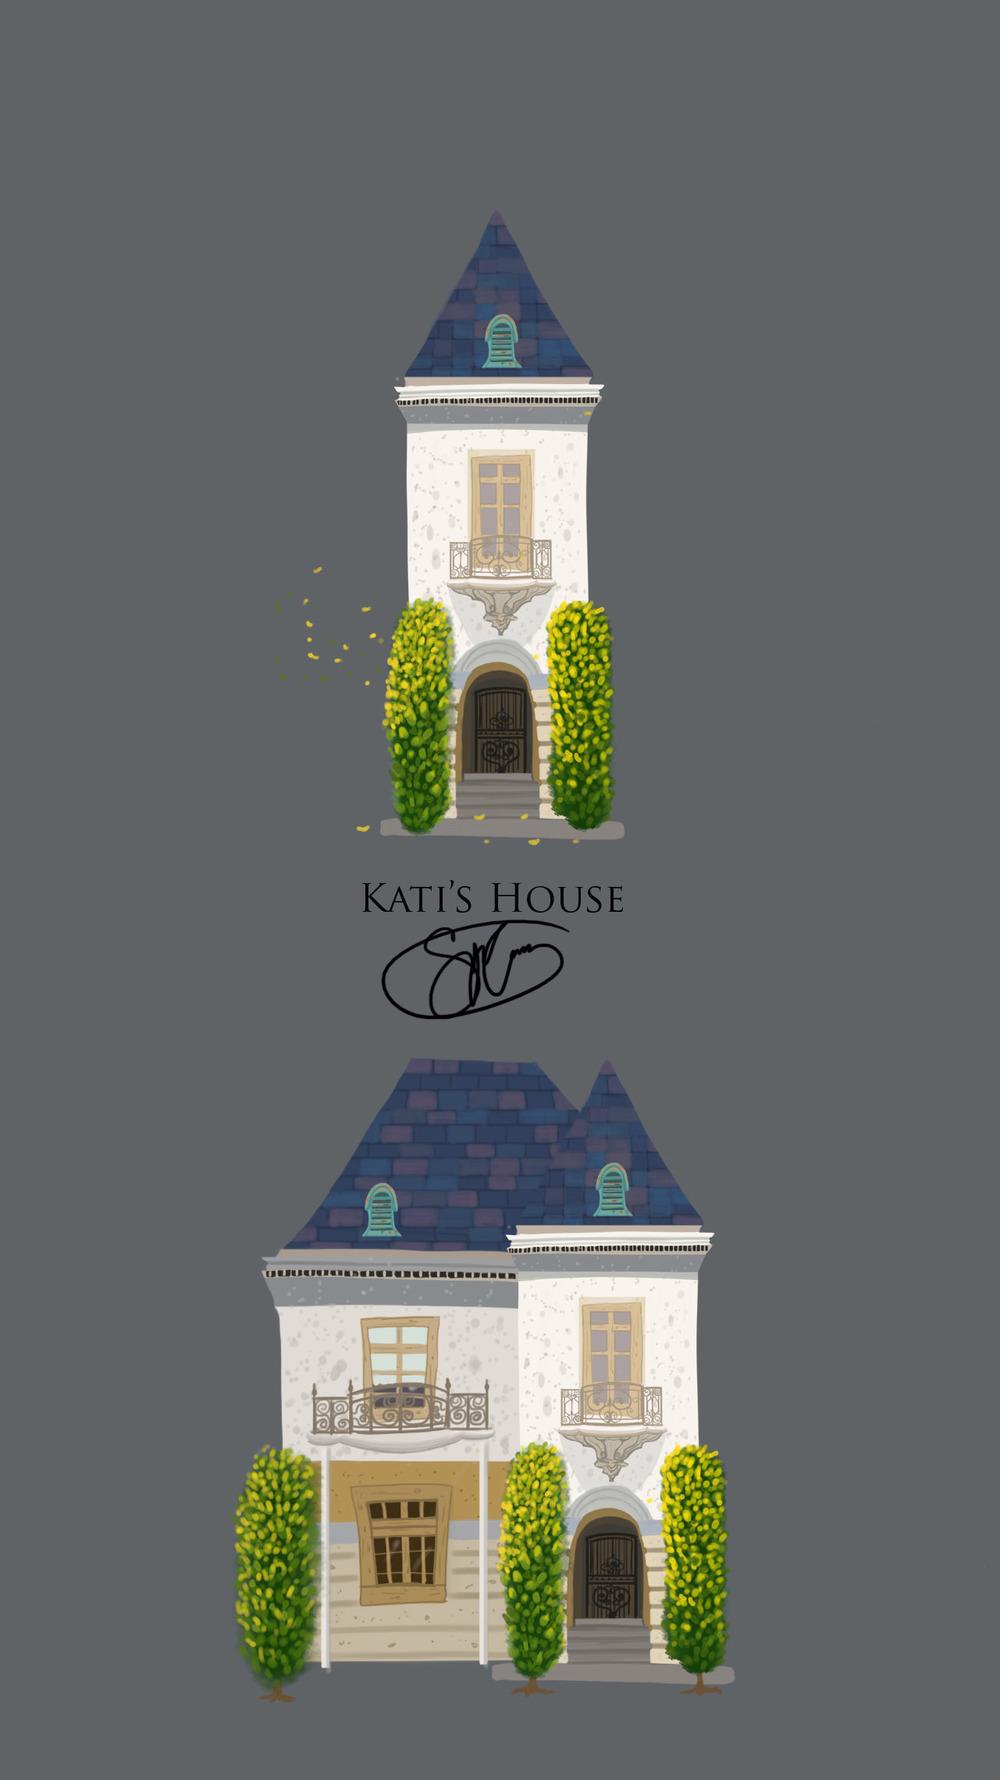 kati house2.jpg